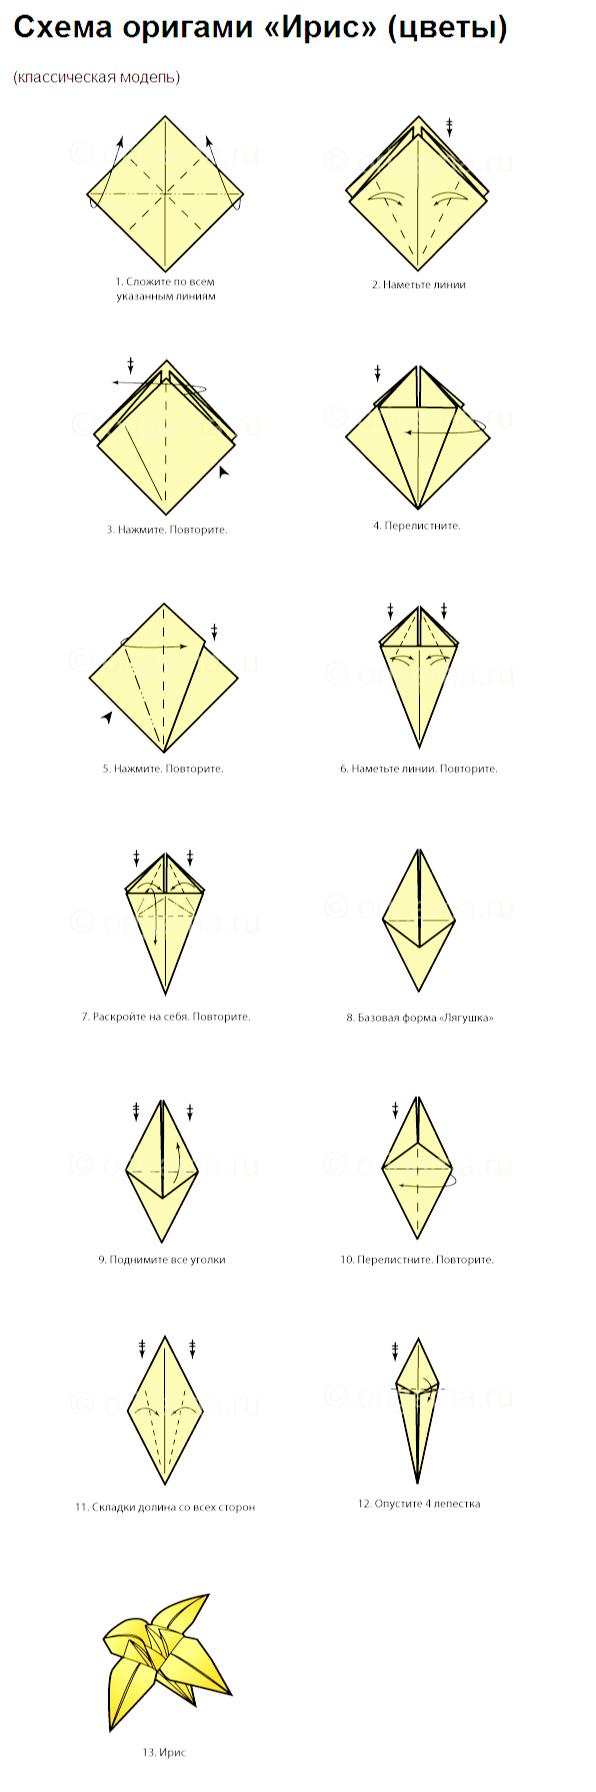 Ирис из бумаги оригами схема